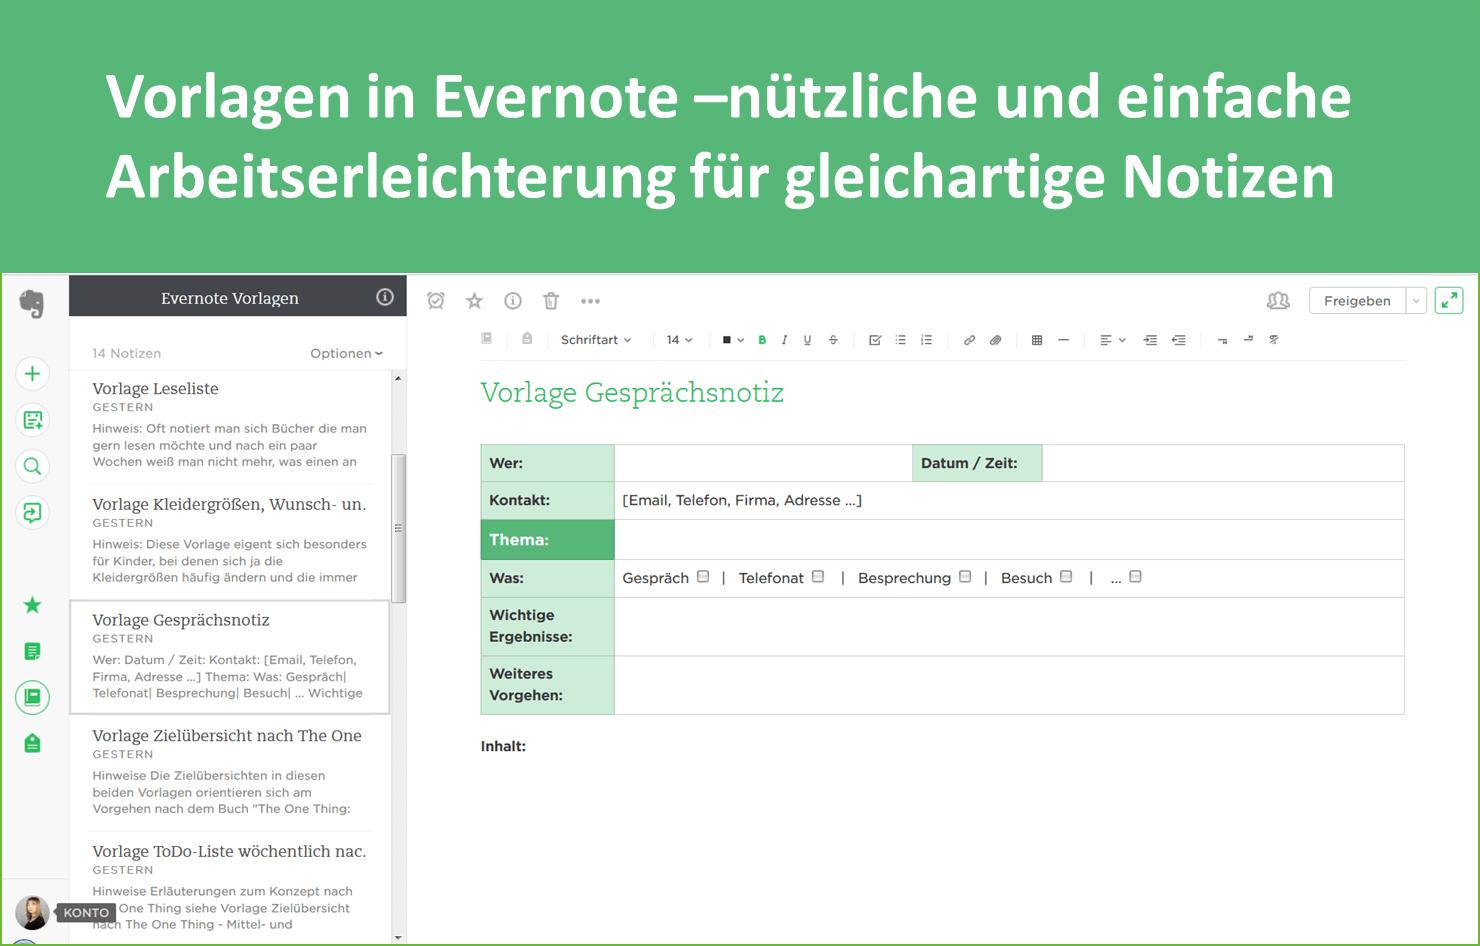 Vorlagen in Evernote - nützlich und einfach für gleichartige Notizen